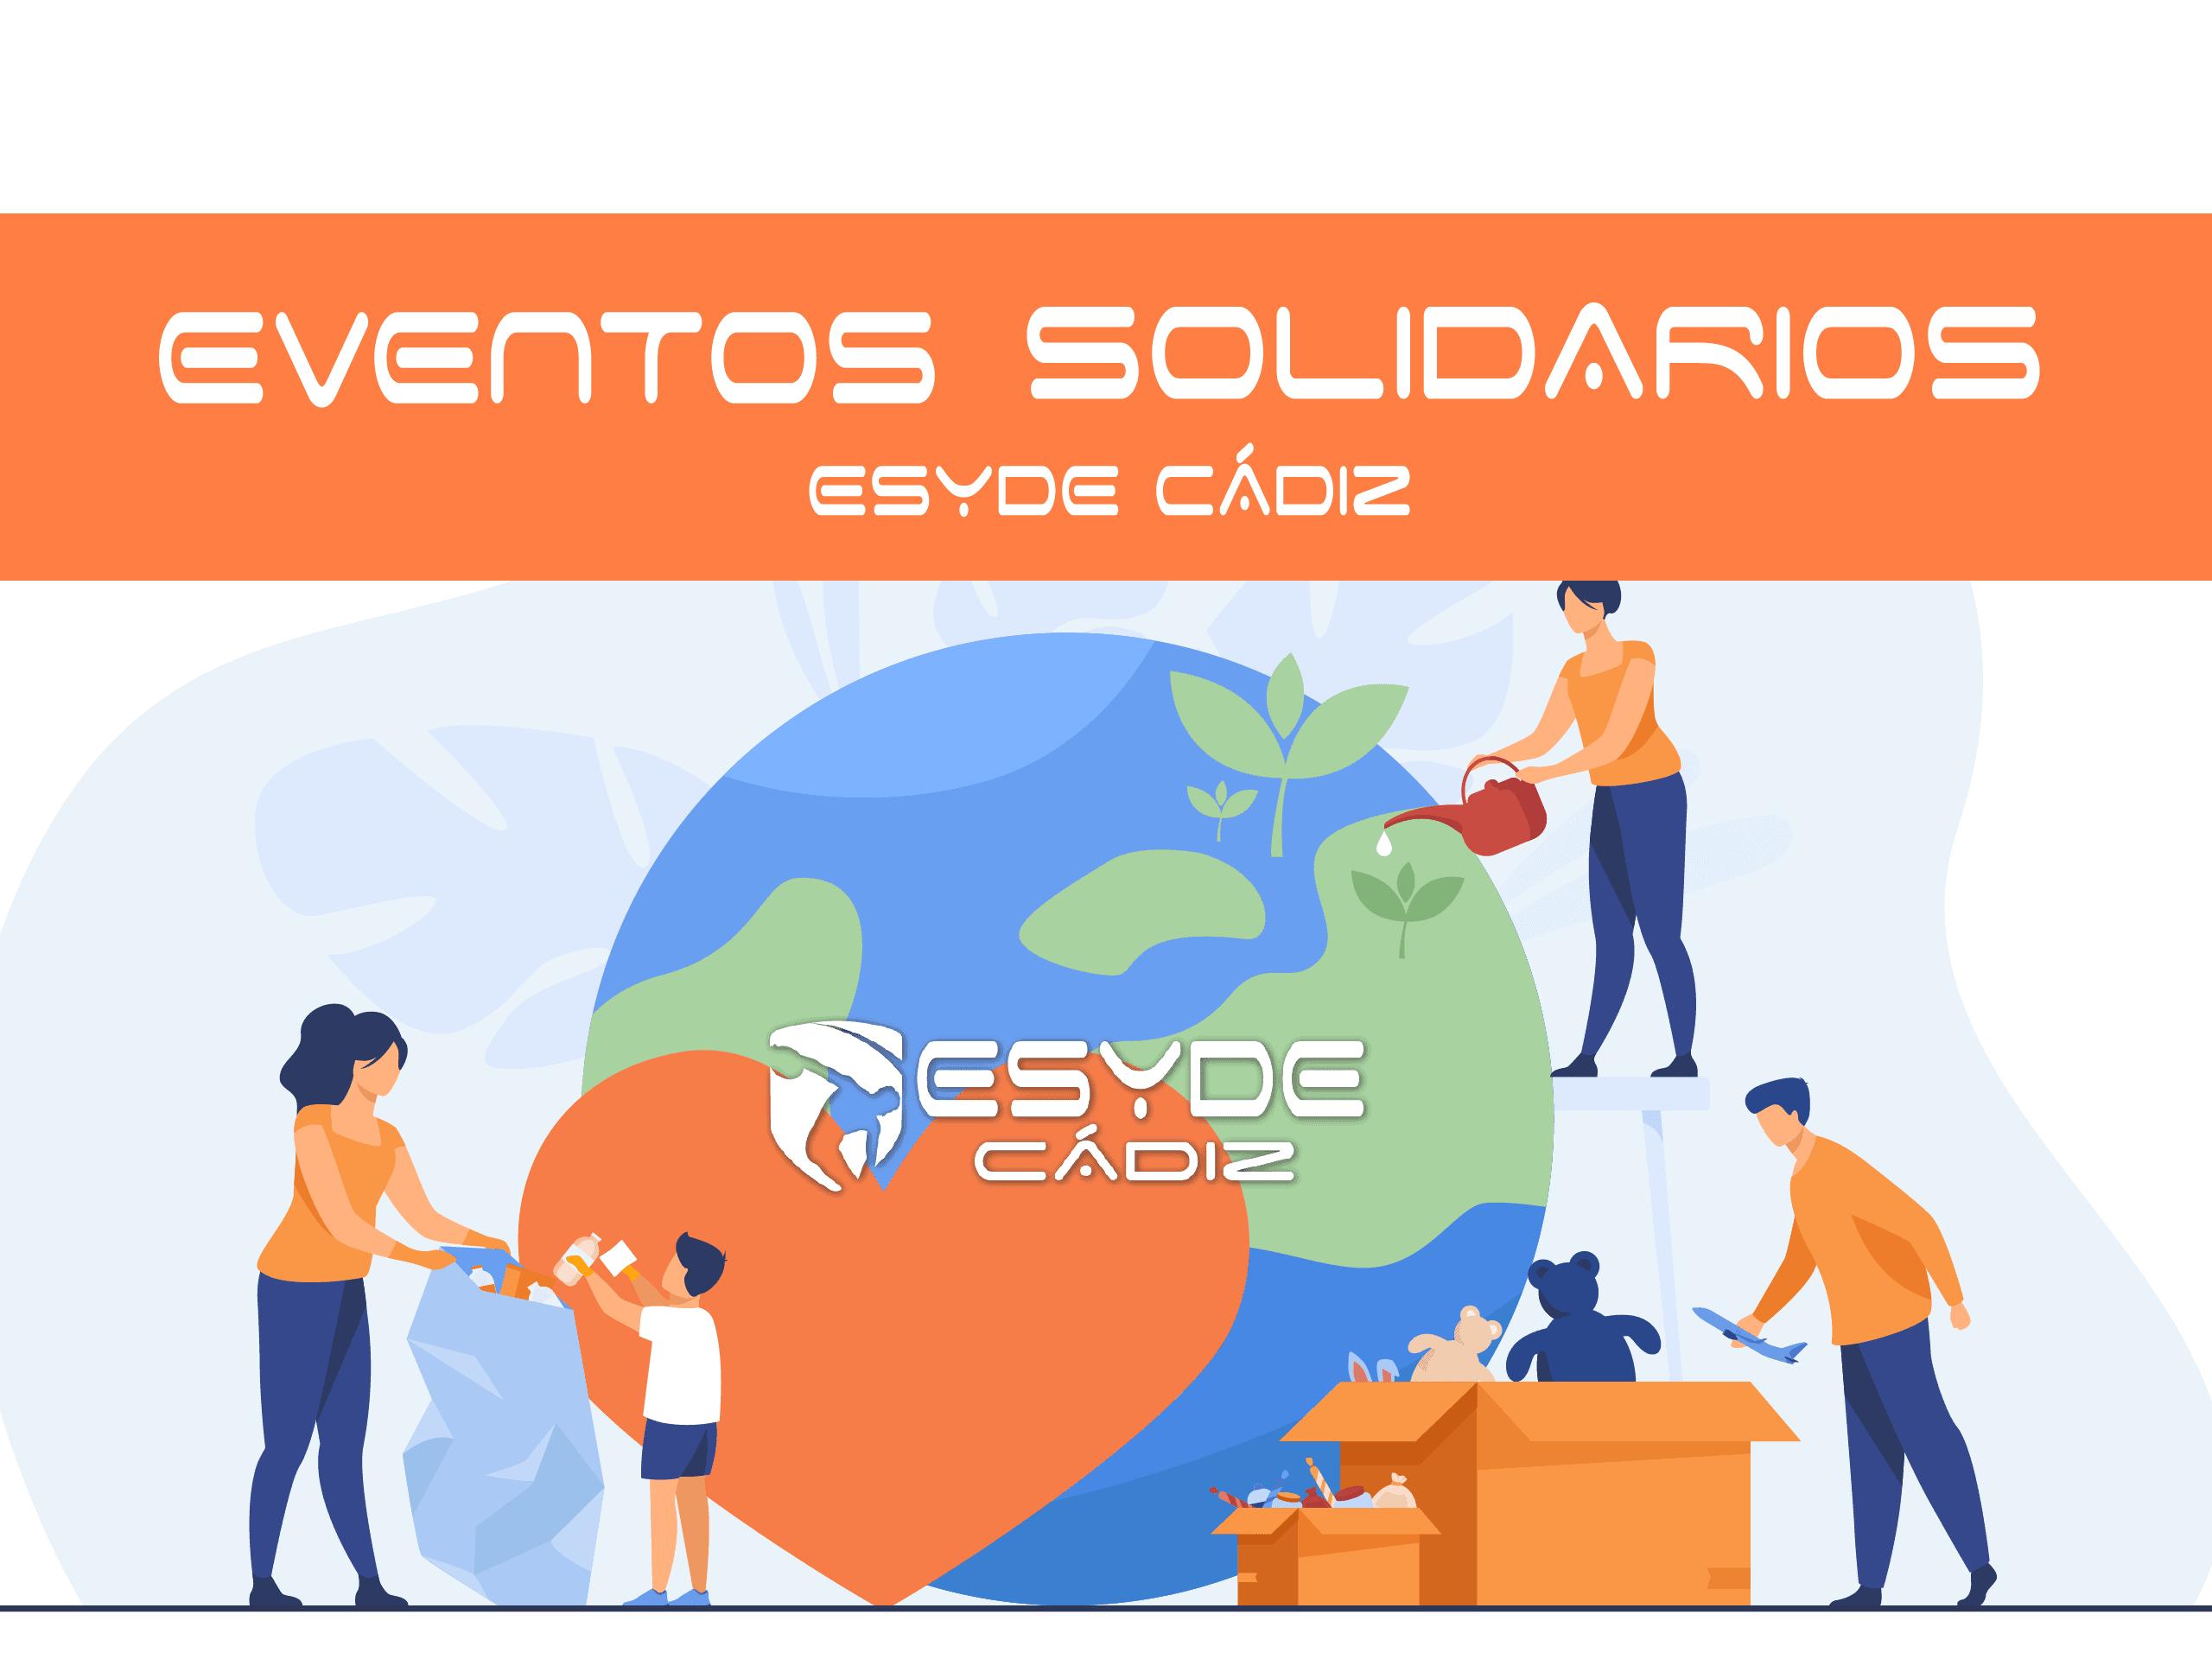 ¡Eventos solidarios en ESYDE Cádiz!